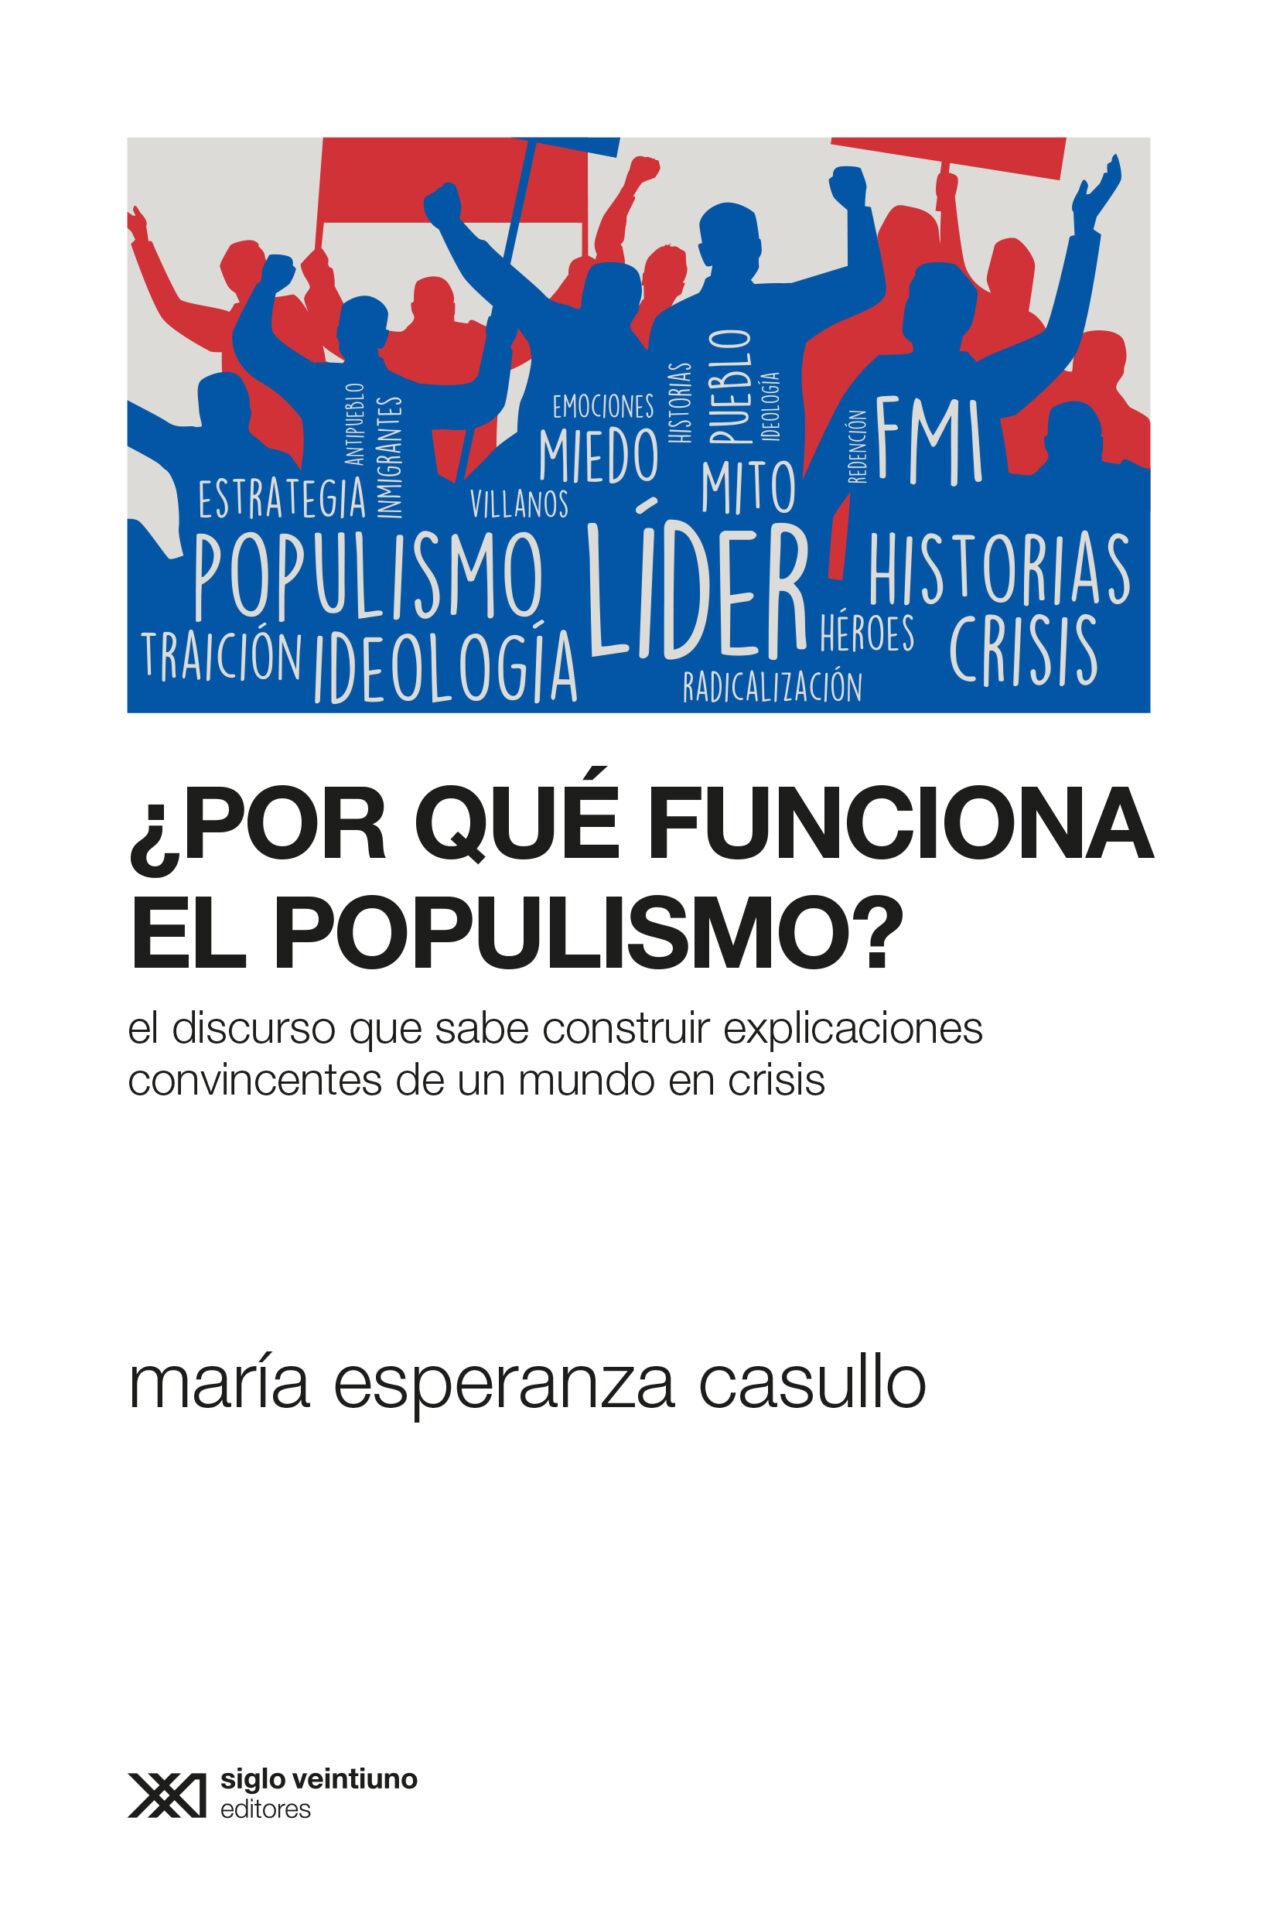 Casullo. ¿Por qué funcion el populismo? [tapa]